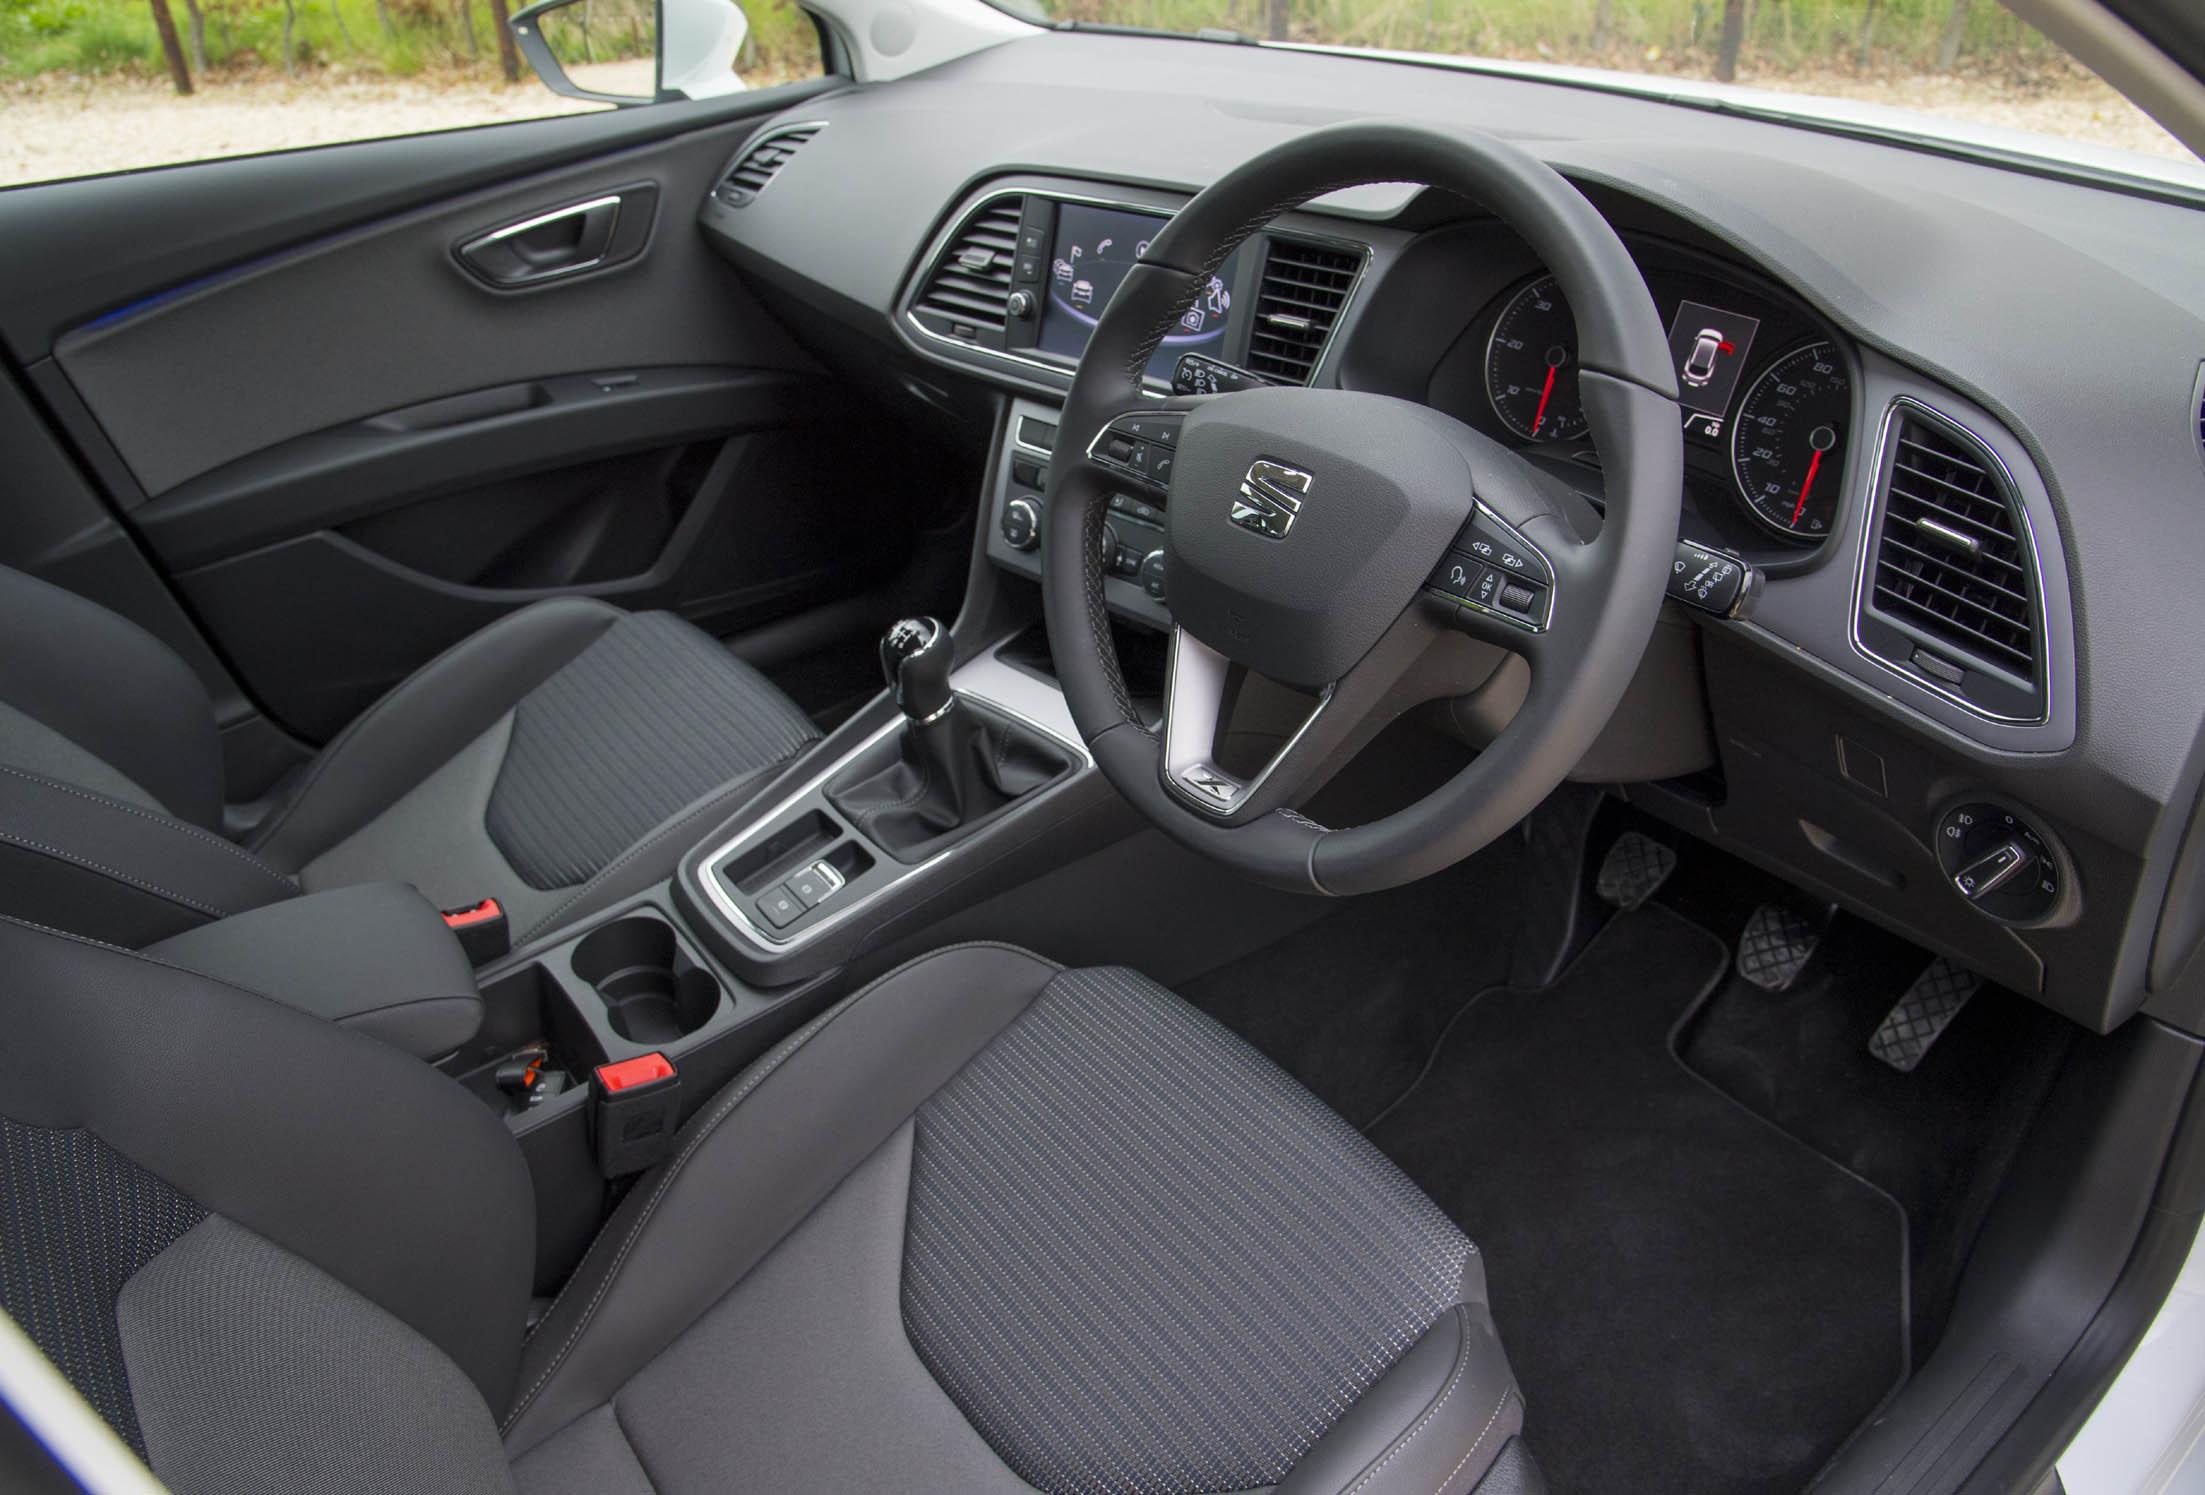 SEAT Leon ST Xcellence 2.0 TDI | Eurekar